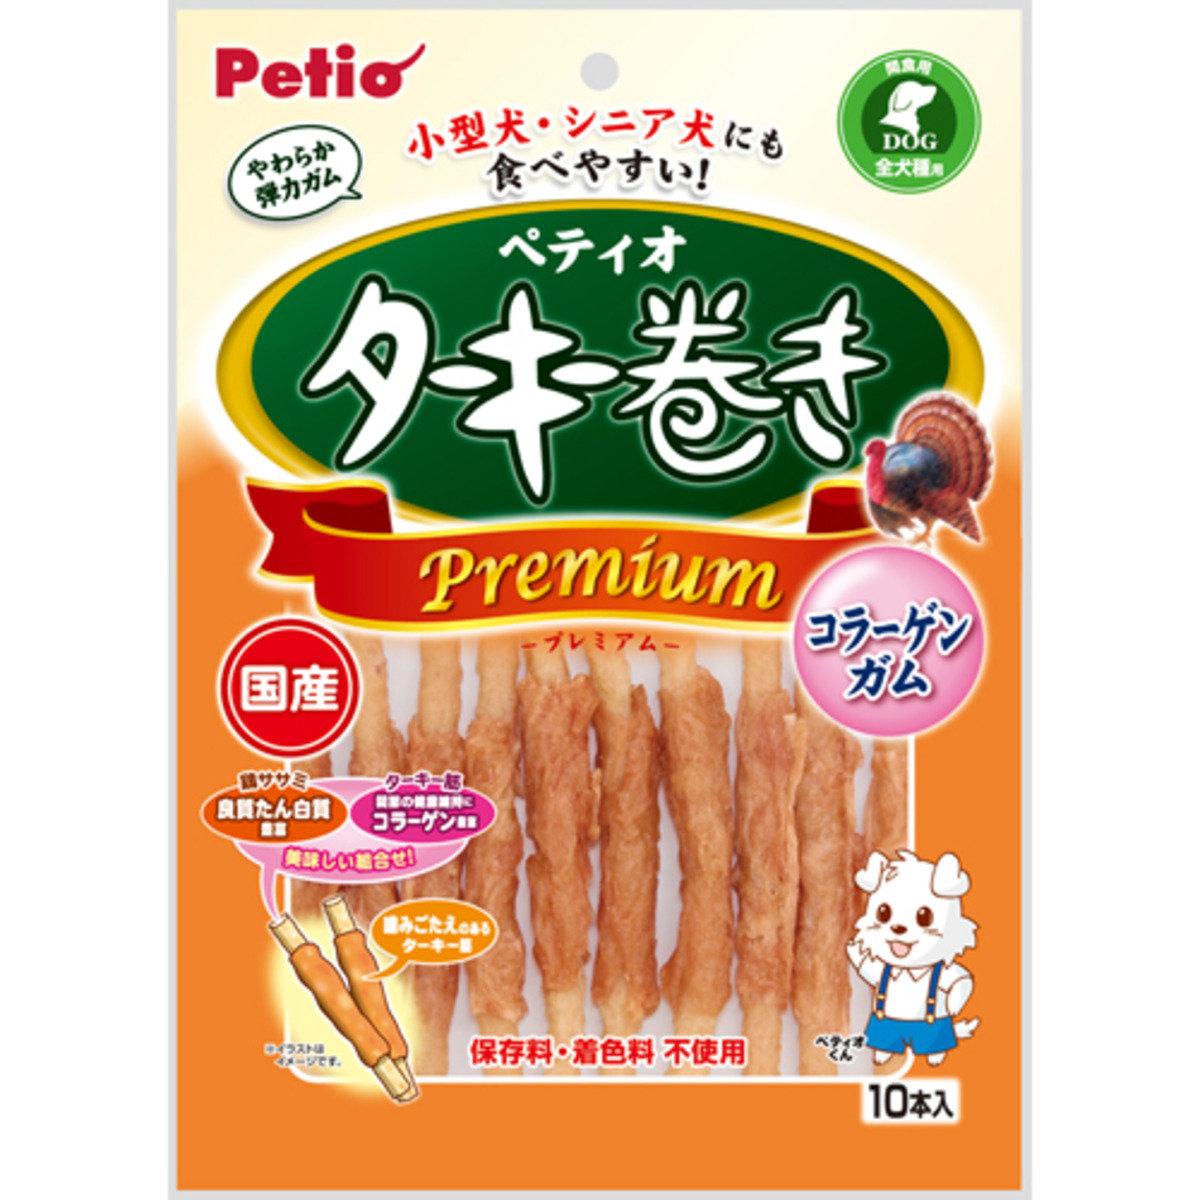 狗小食火雞肉卷(到期日:30/11/2016)(W12697)